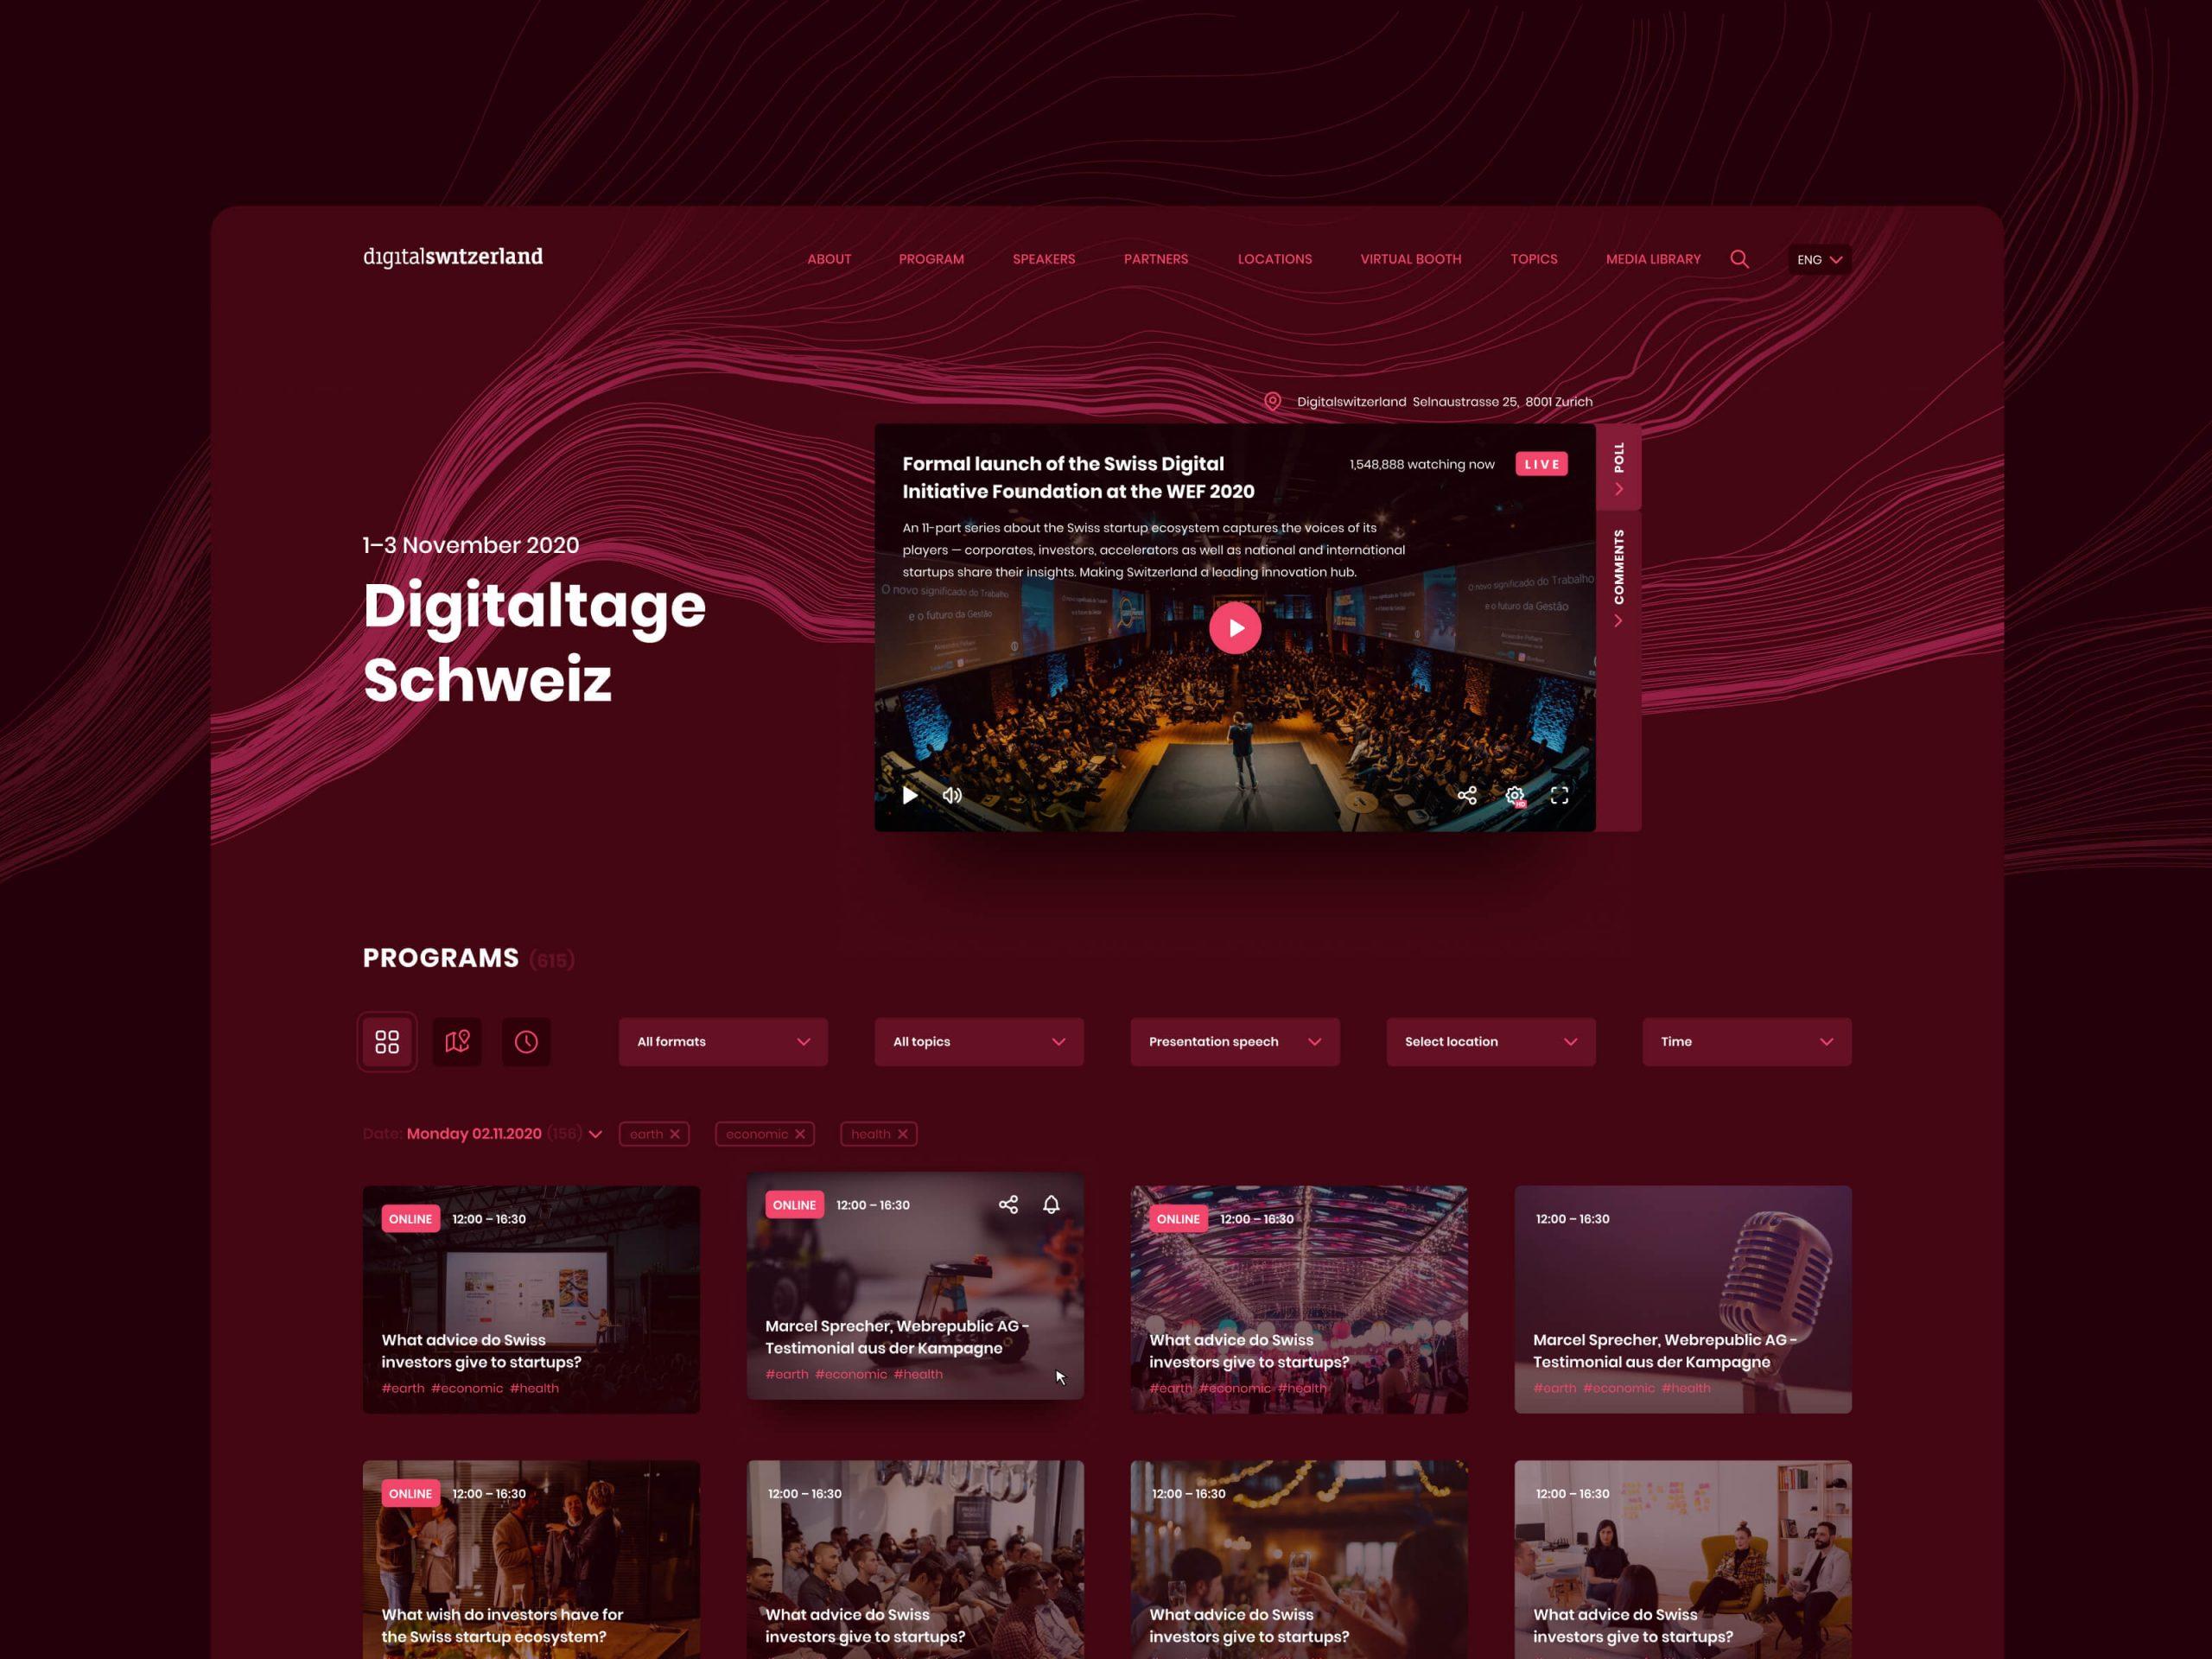 Digital Switzerland Website Page Design